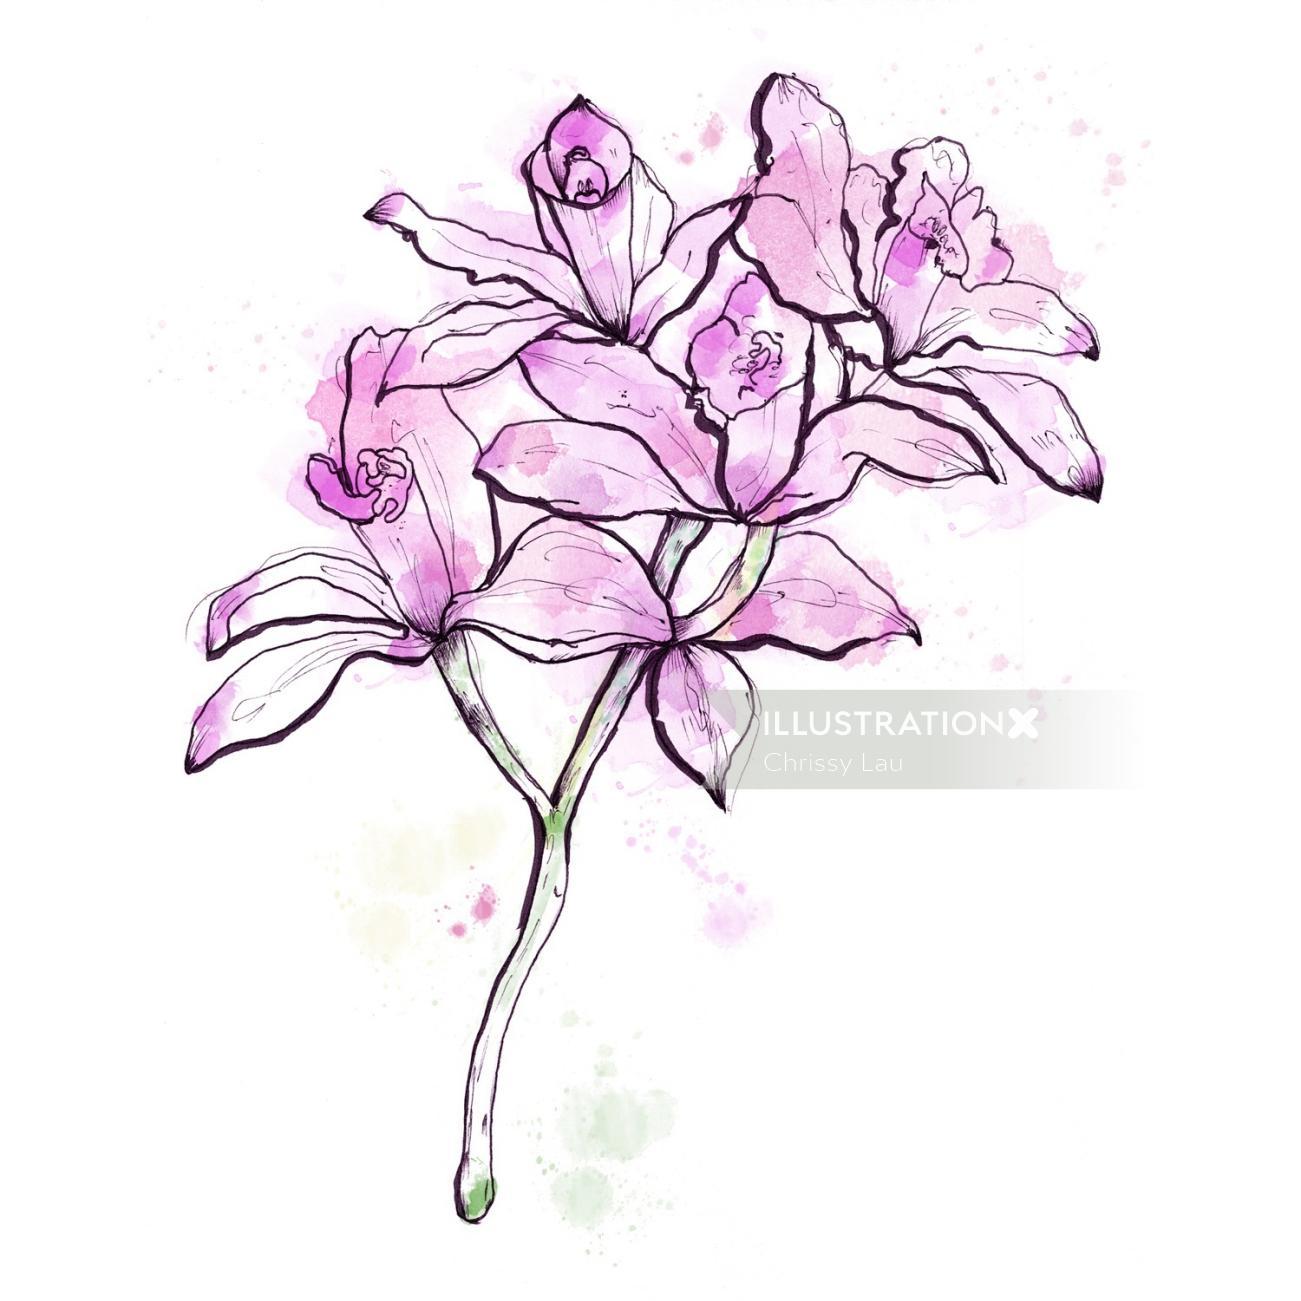 Irises flowers illustration